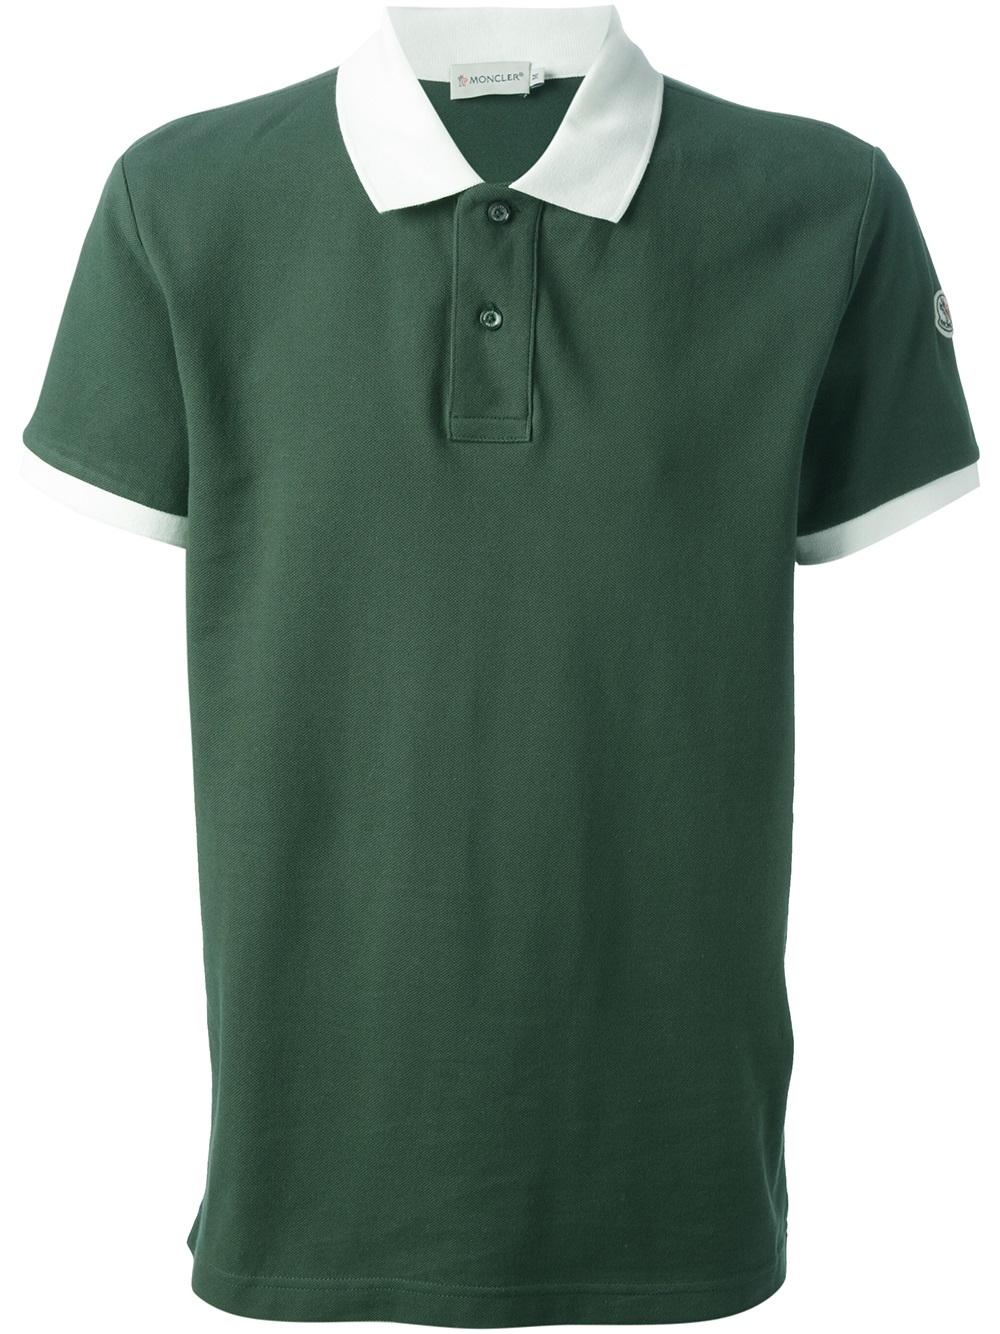 moncler green polo shirt